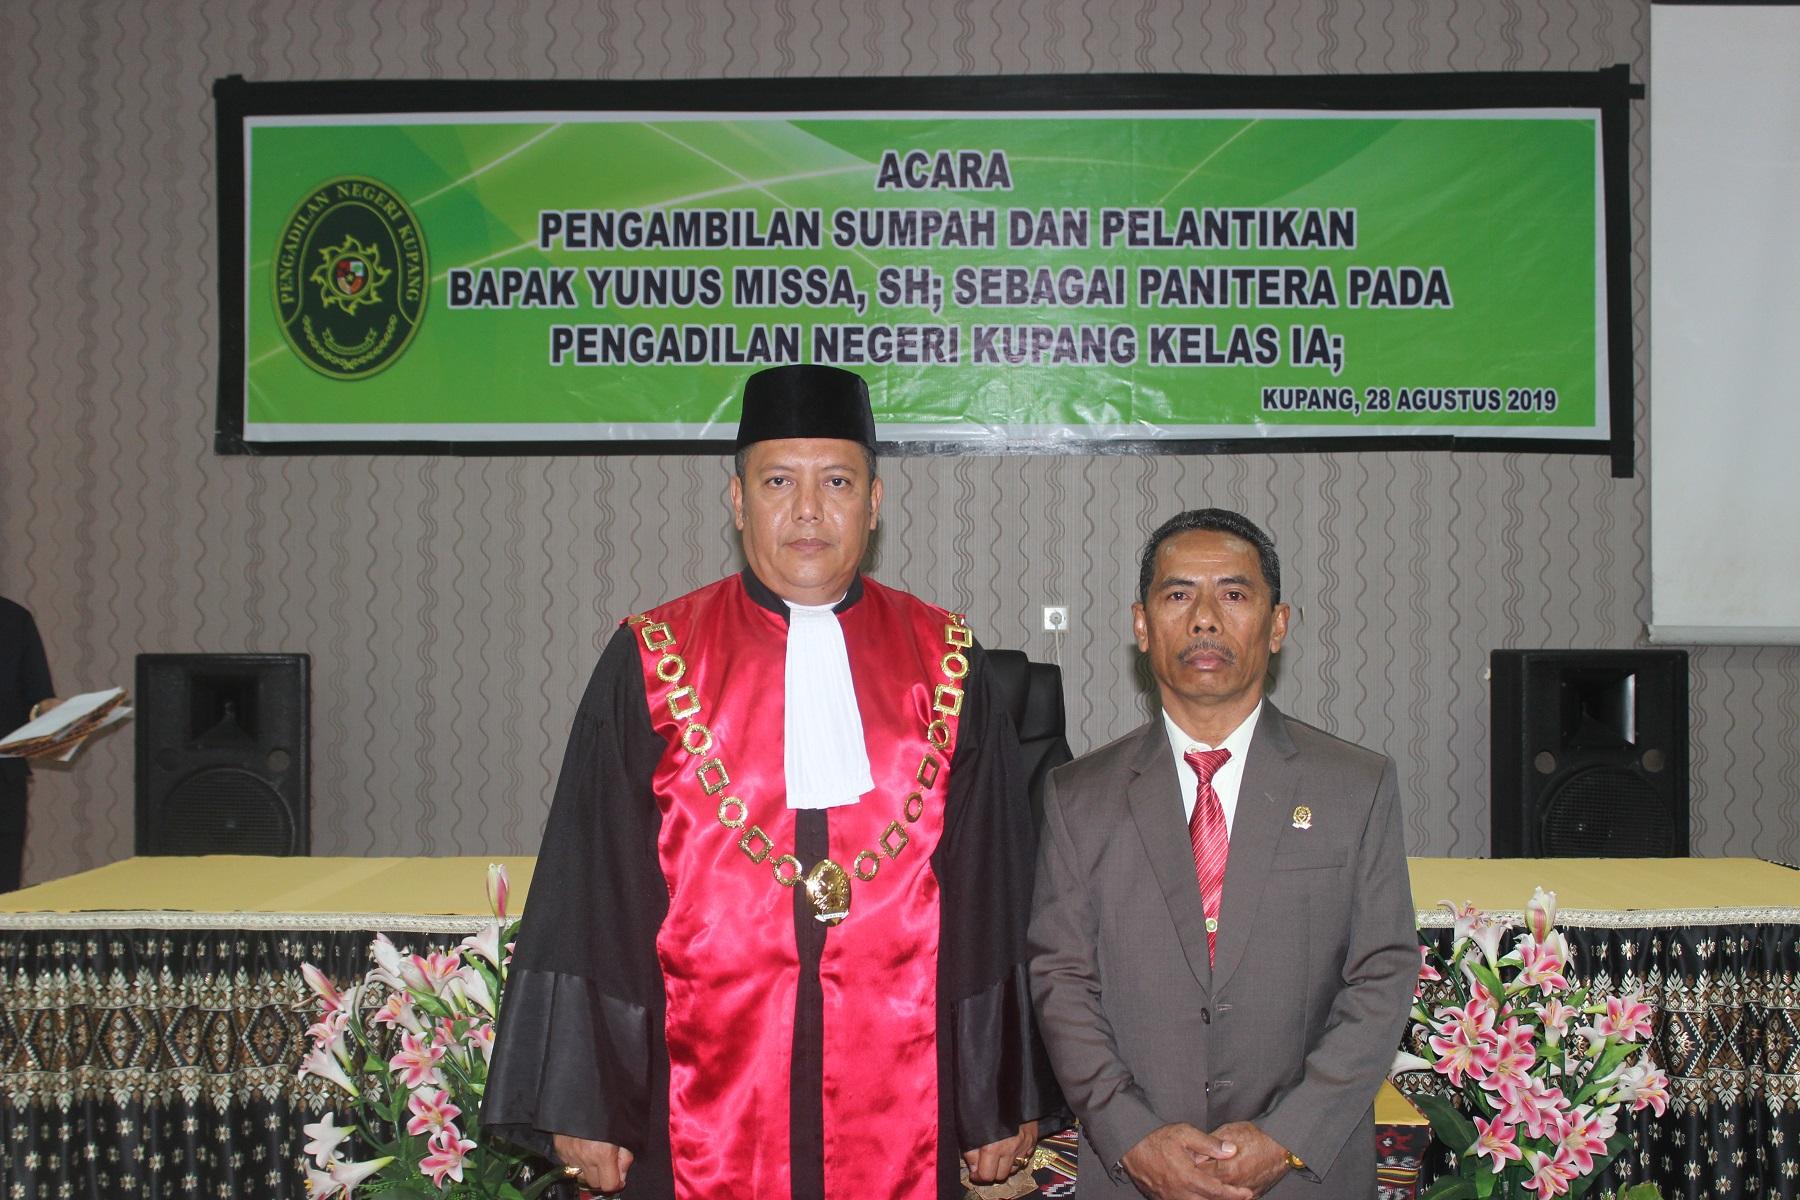 Pengambilan Sumpah dan Pelantikan Bapak Yunus Missa, S.H. sebagai Panitera Pengadilan Negeri Kupang